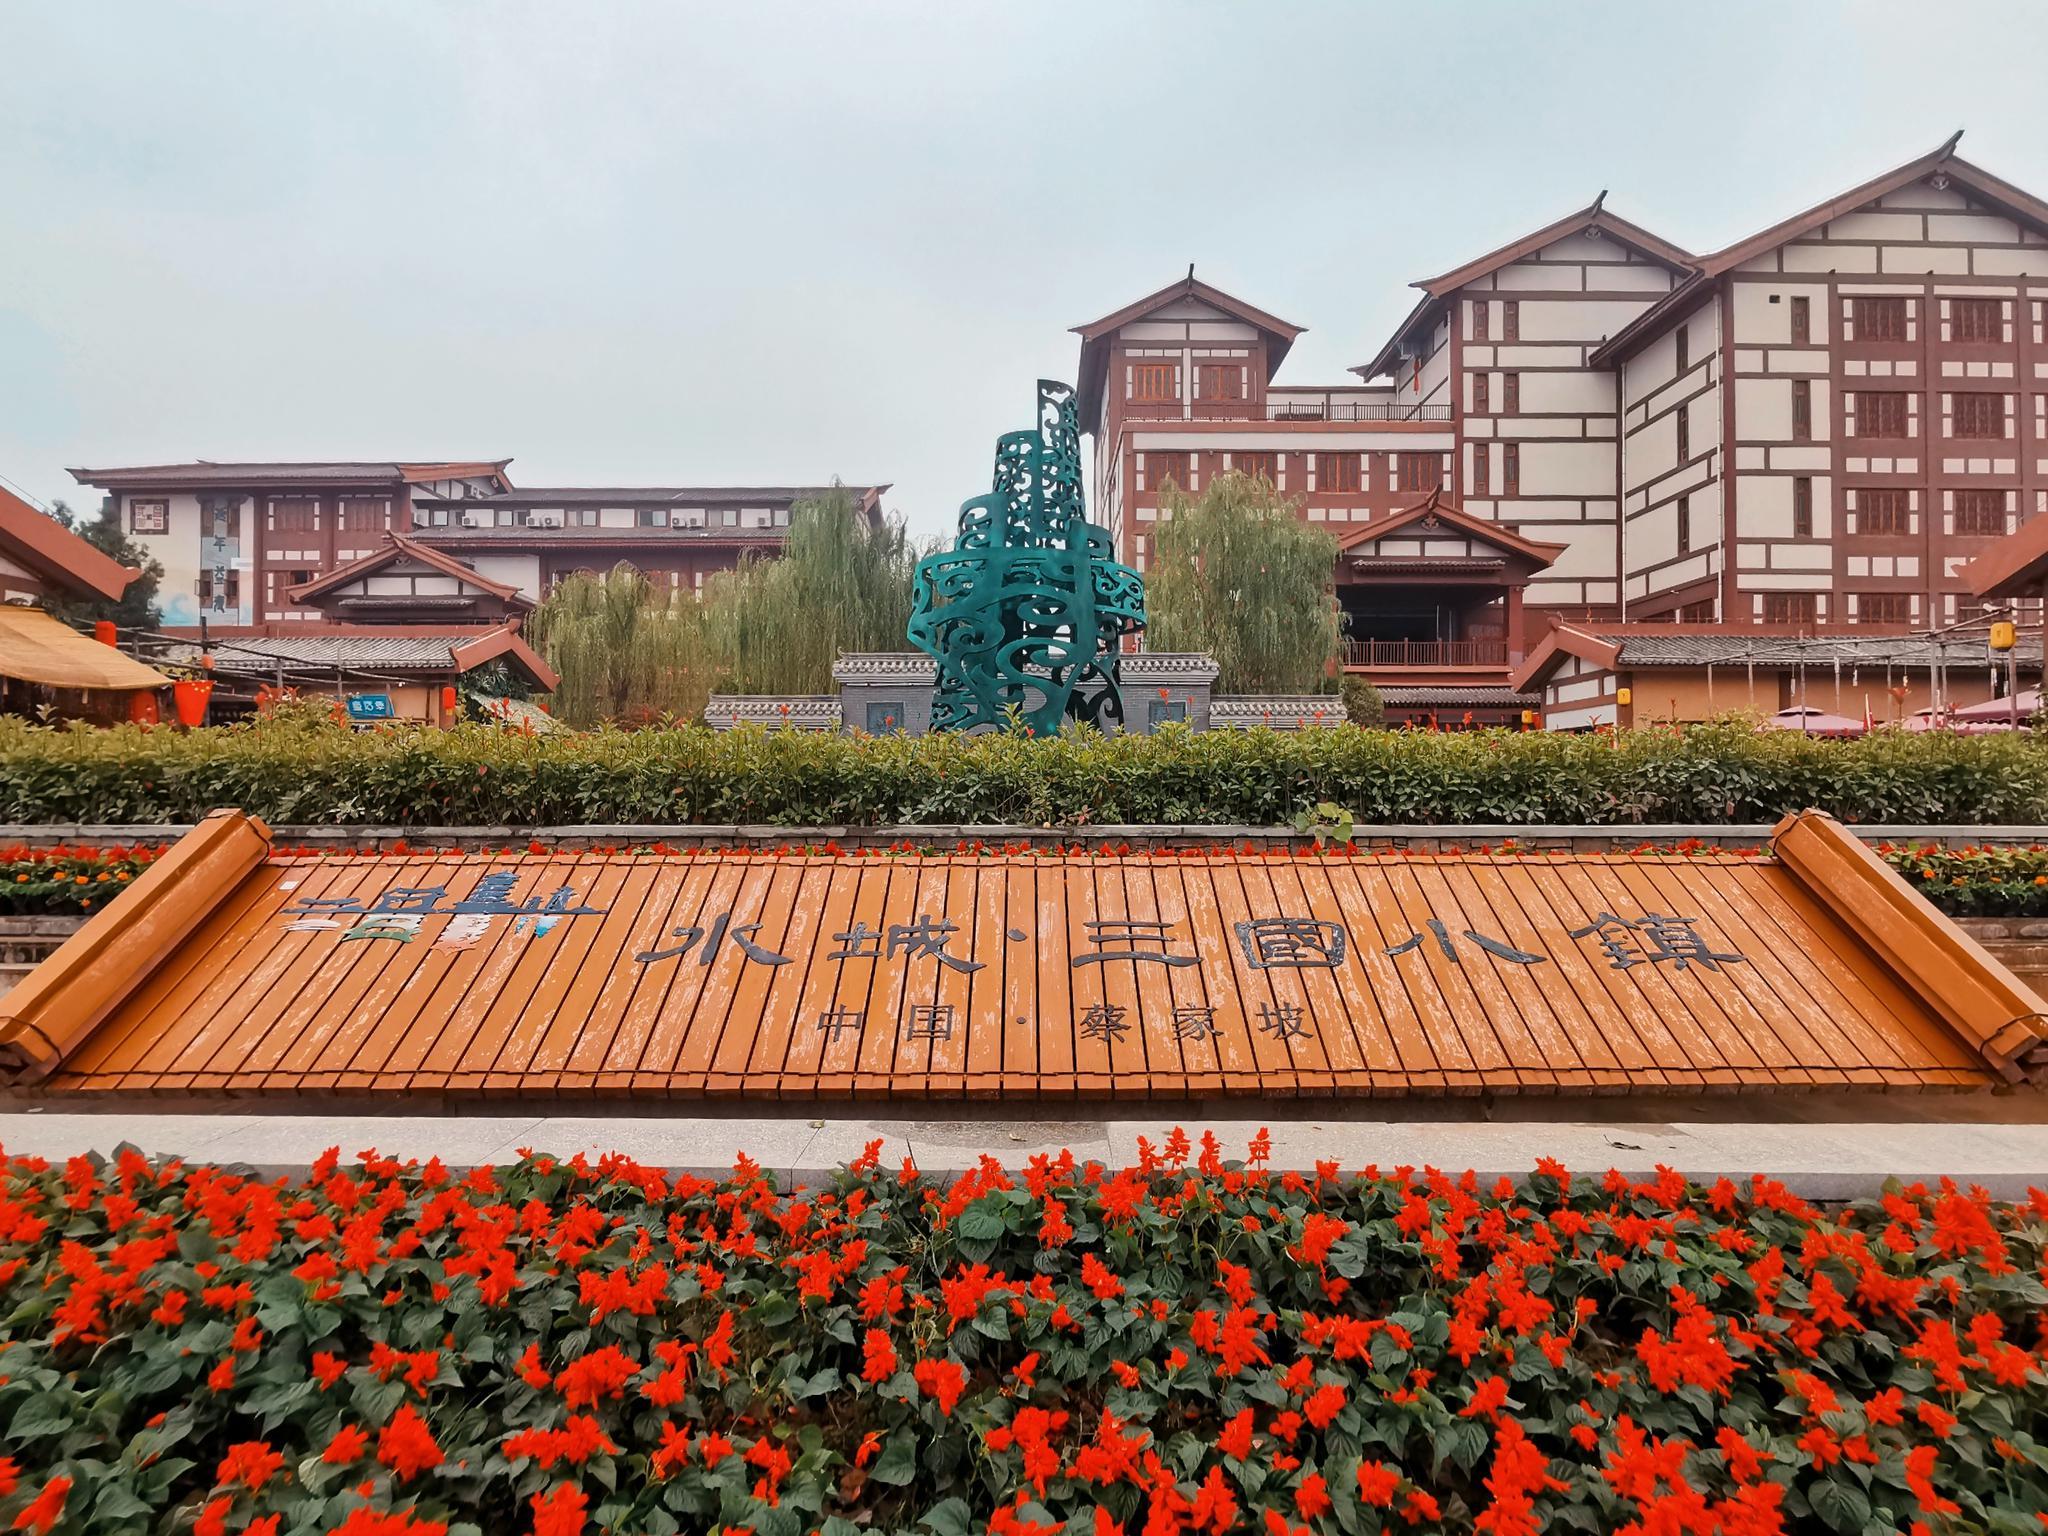 水城·三国小镇一处位于地处陕西省宝鸡市蔡家坡一个以三国文化为背景